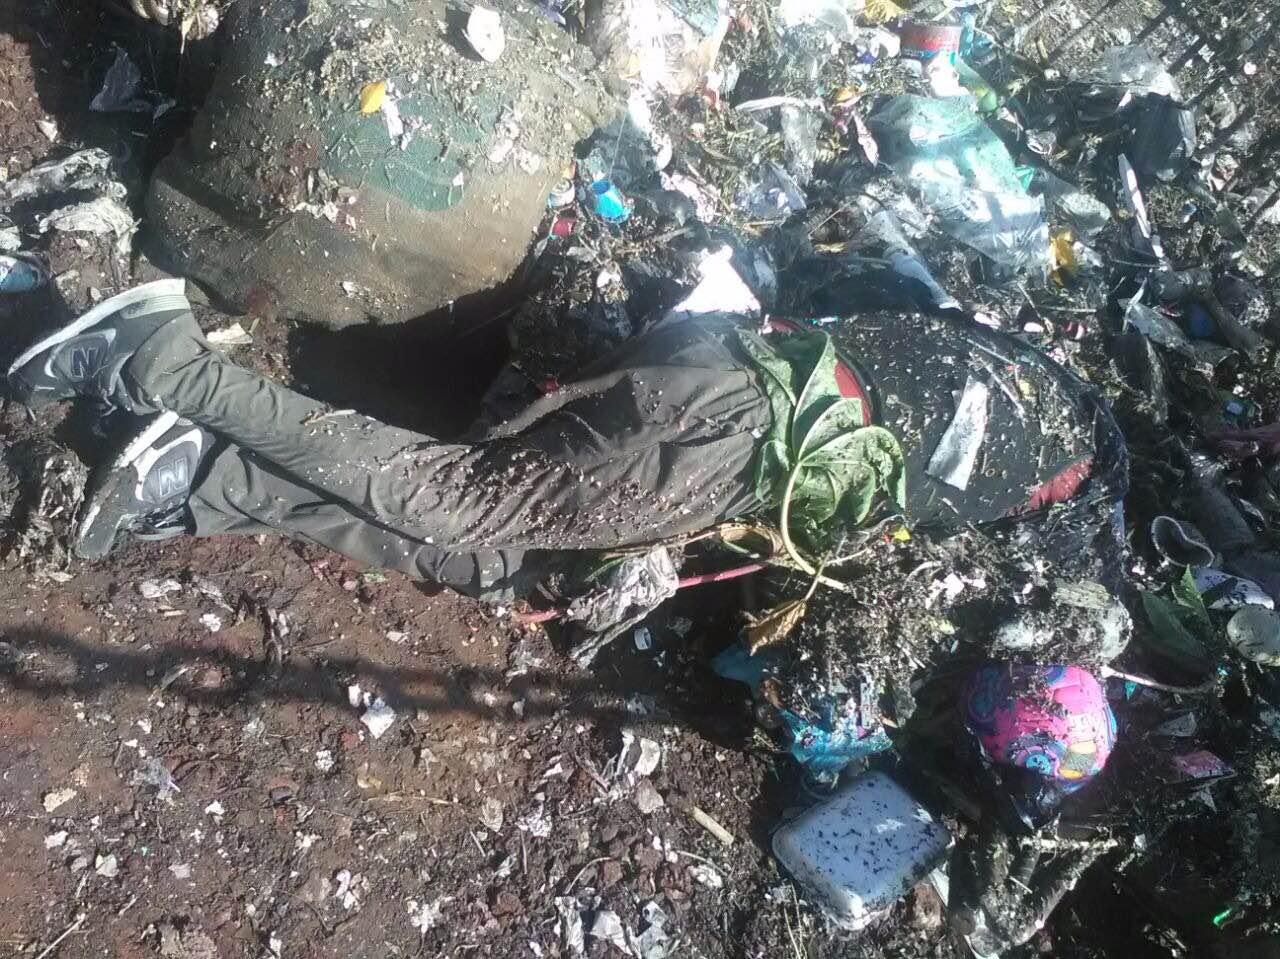 Trabajadores de ODAPAS encontraron el cuerpo.